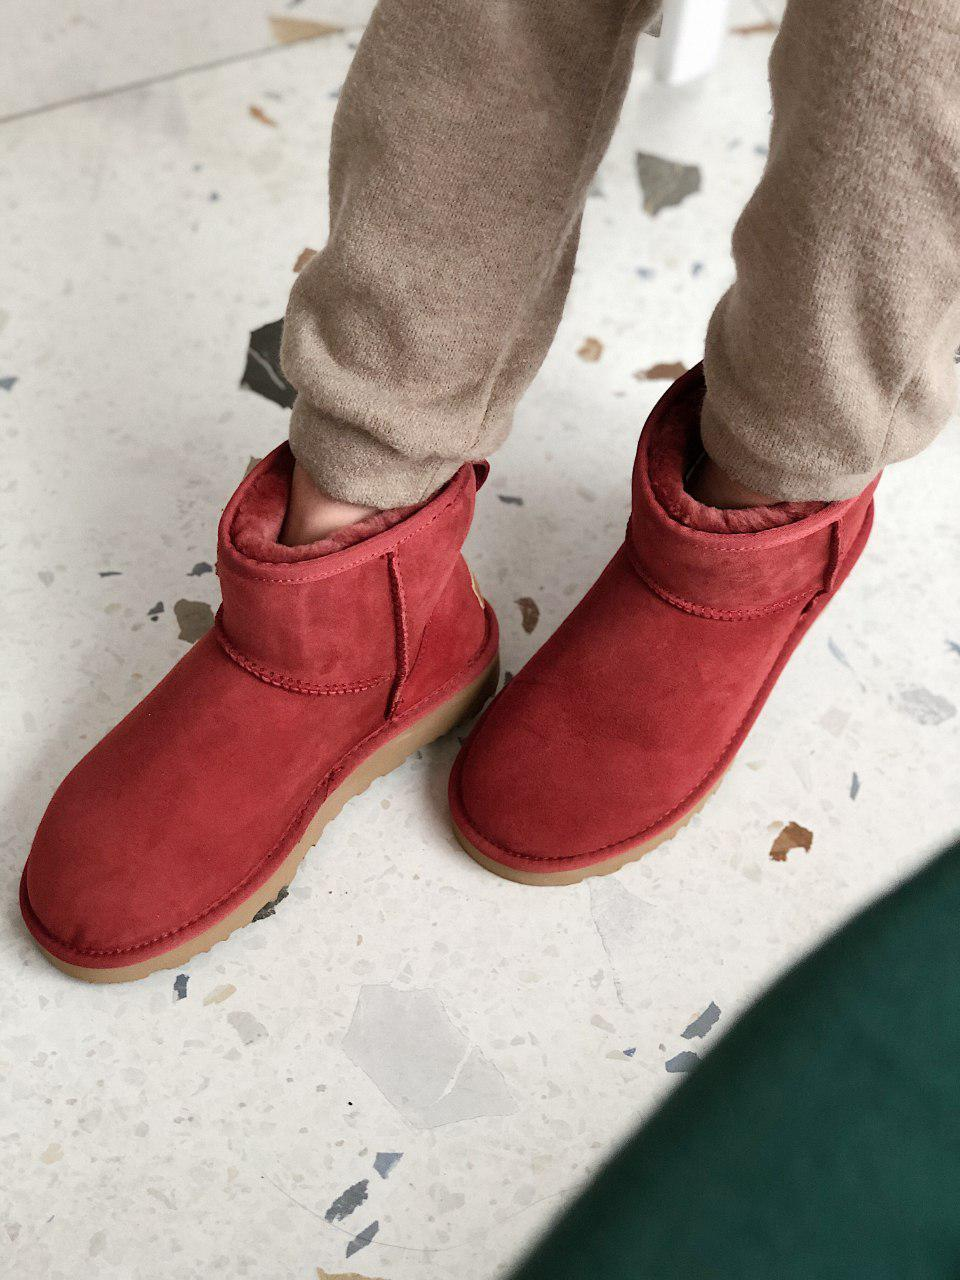 Женские Ugg угги на меху RED